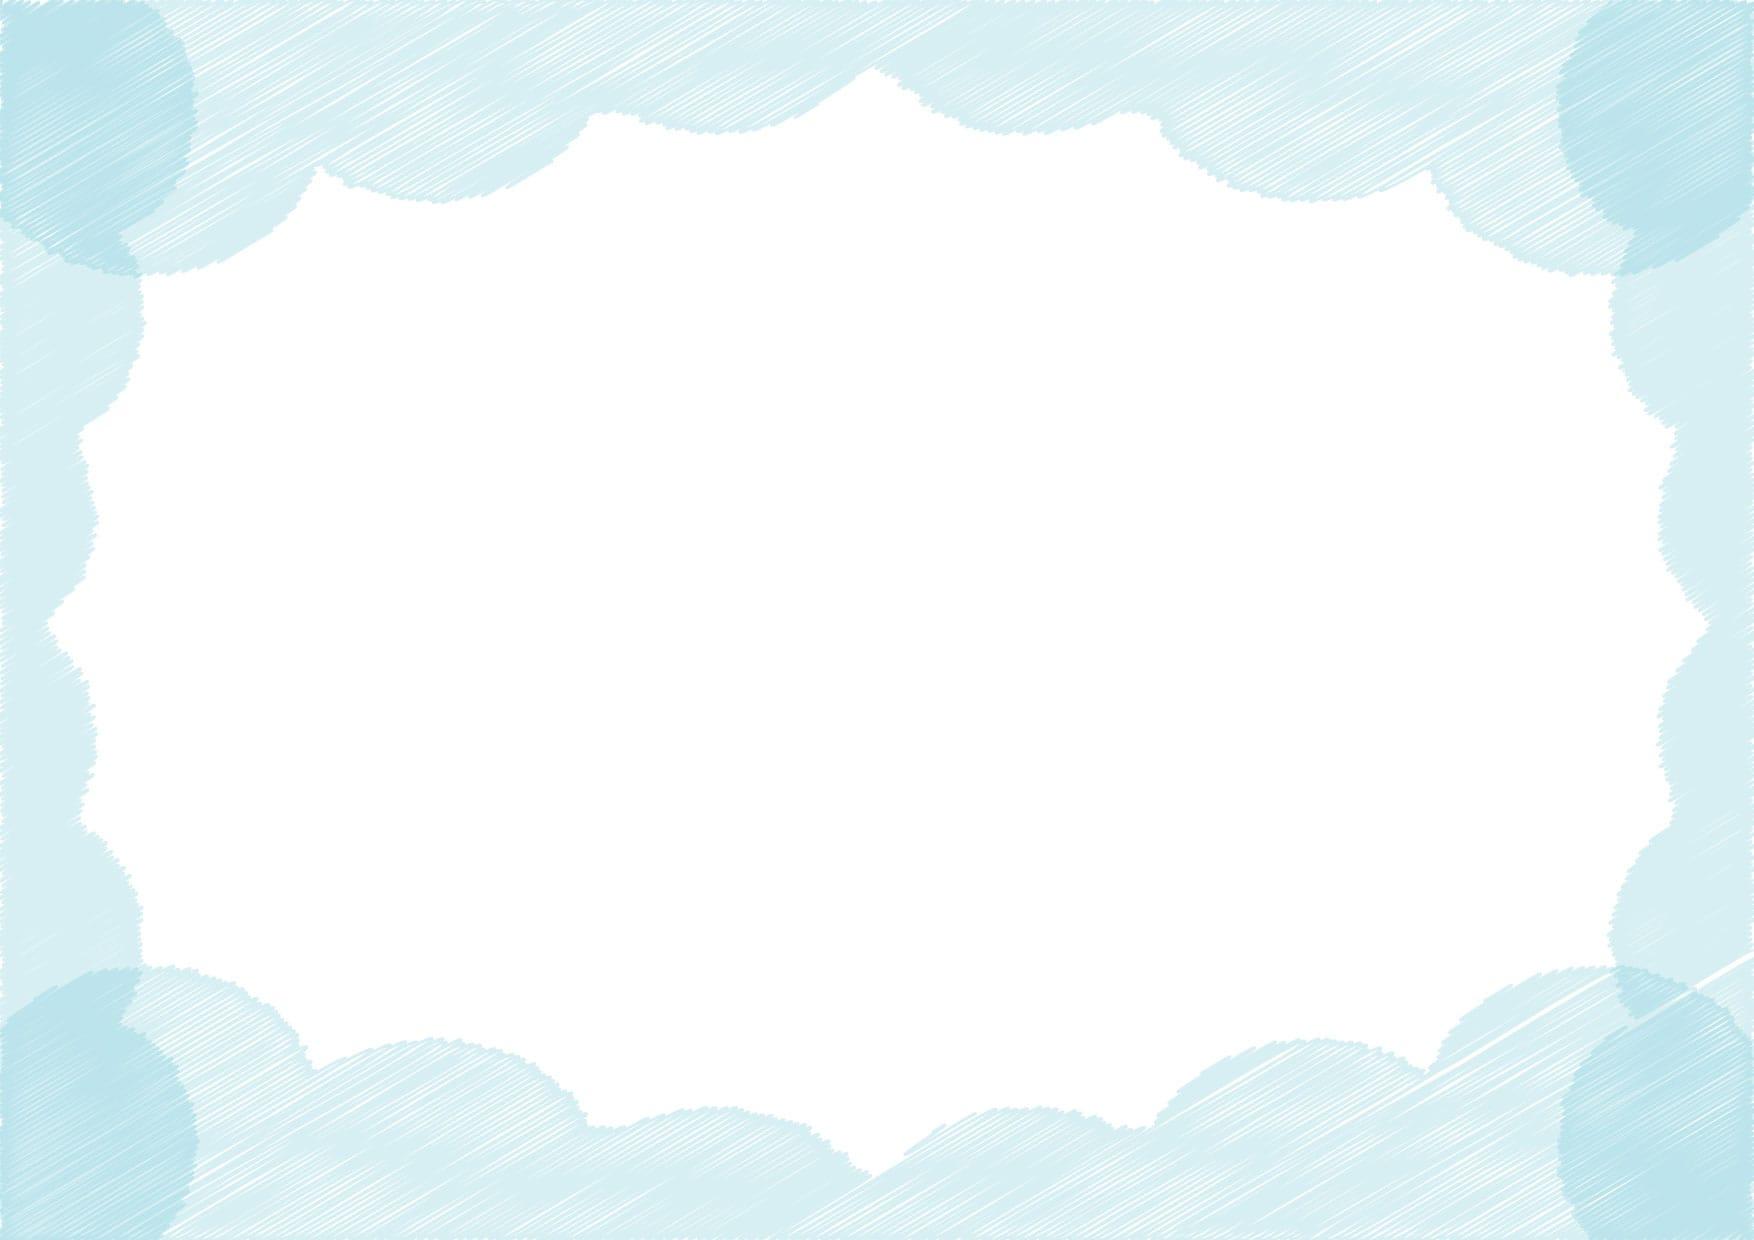 可愛いイラスト|背景 雲 ラフ 青色 − free illustration  Background cloud rough blue